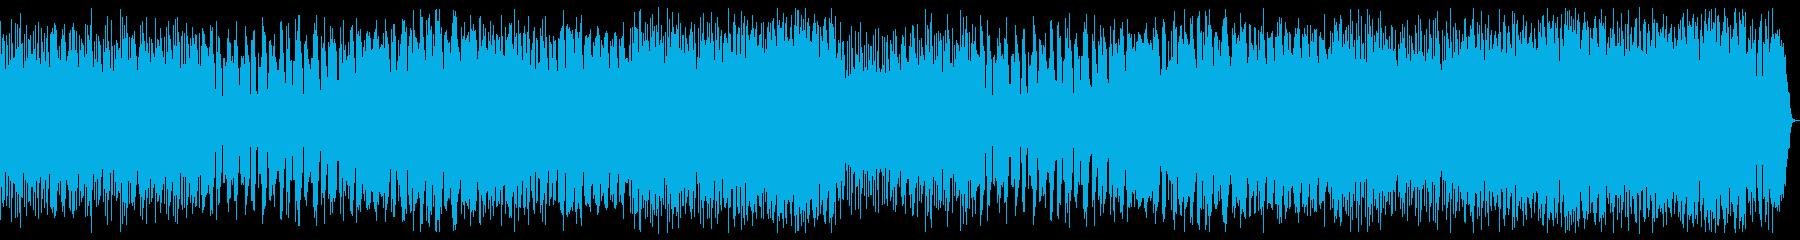 ダークファンタジーなヘビーメタル戦闘曲の再生済みの波形